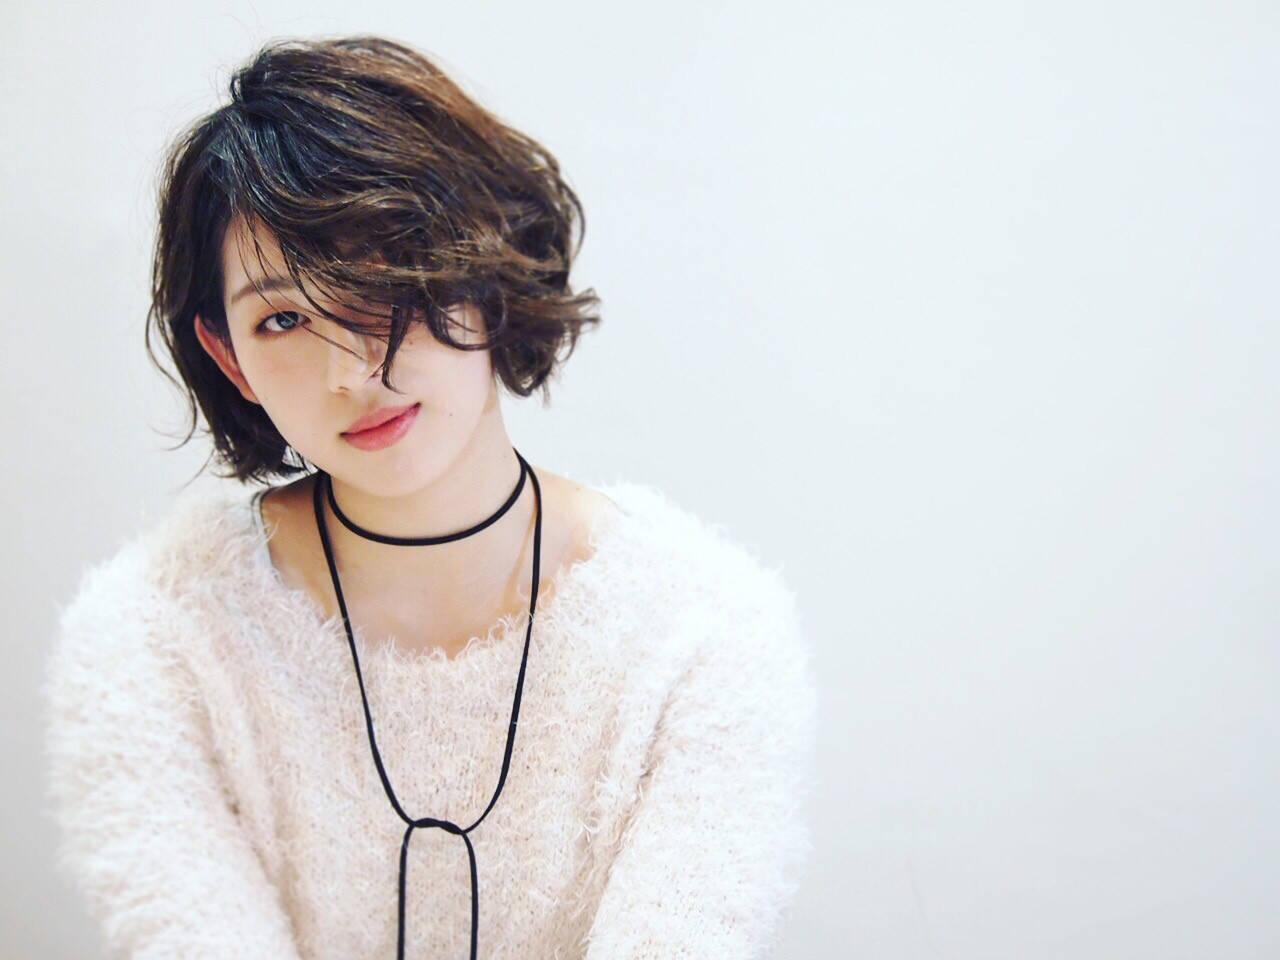 かわいい モード 女子会 ボーイッシュヘアスタイルや髪型の写真・画像